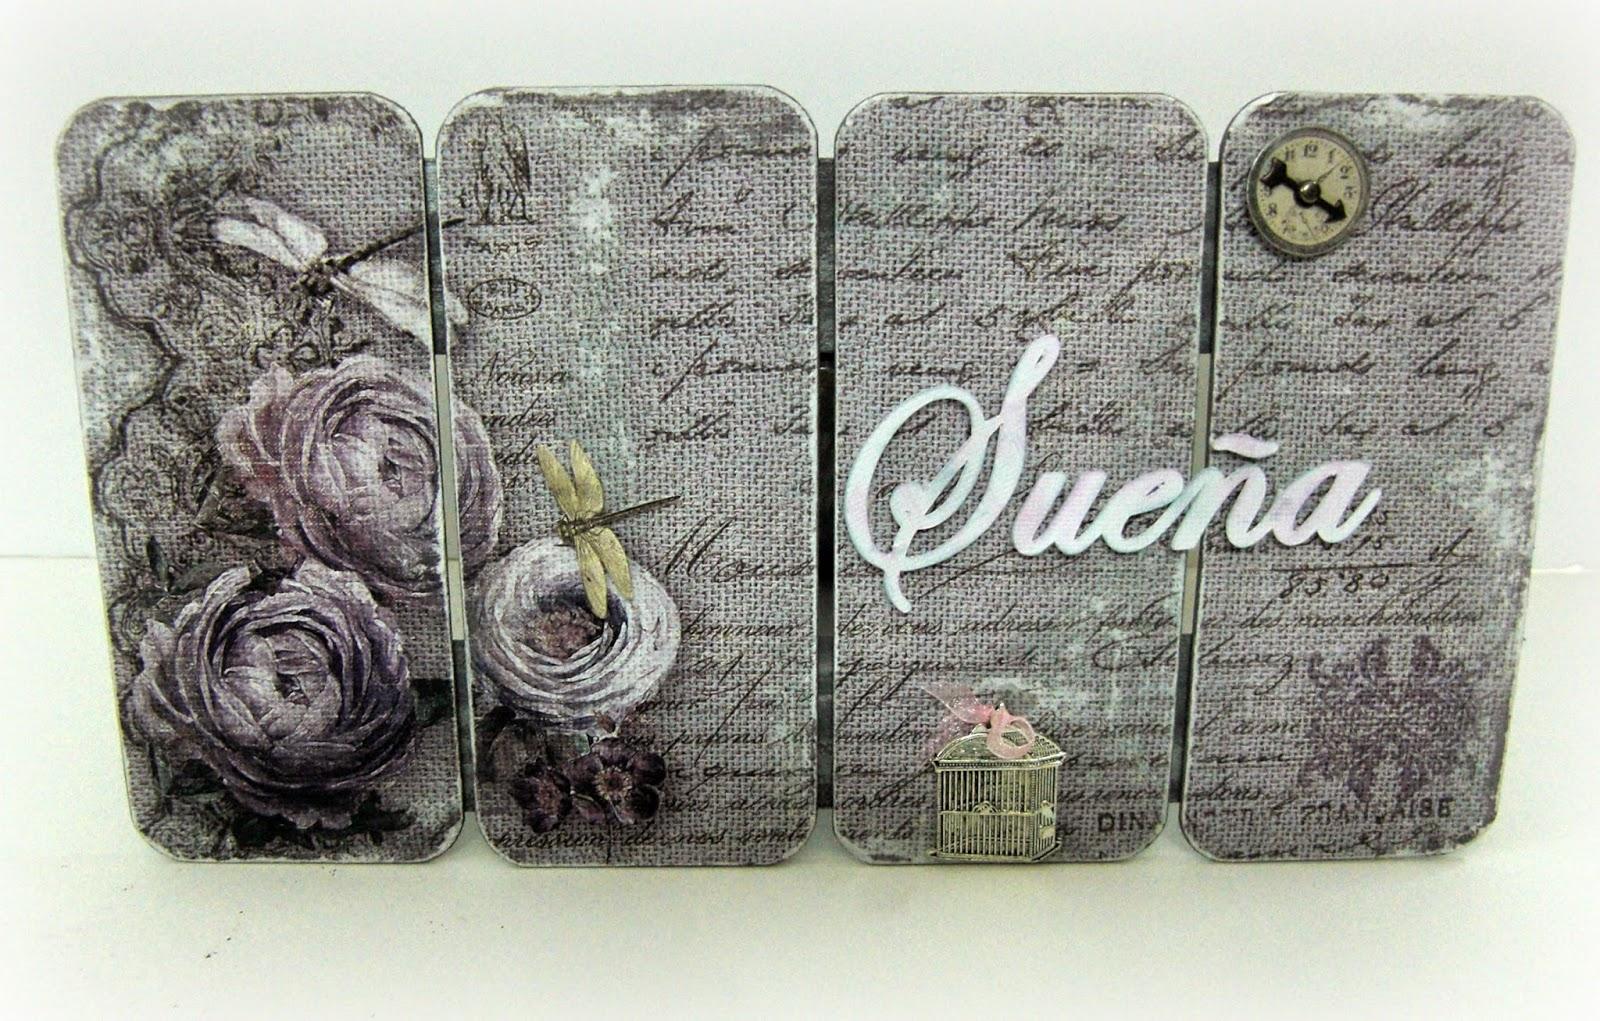 S-TROUBLE 15 Piezas de Madera te Amo dispersi/ón de Confeti Vintage decoraci/ón r/ústica de Fiesta Decoraciones de /álbum de Recortes artesanales